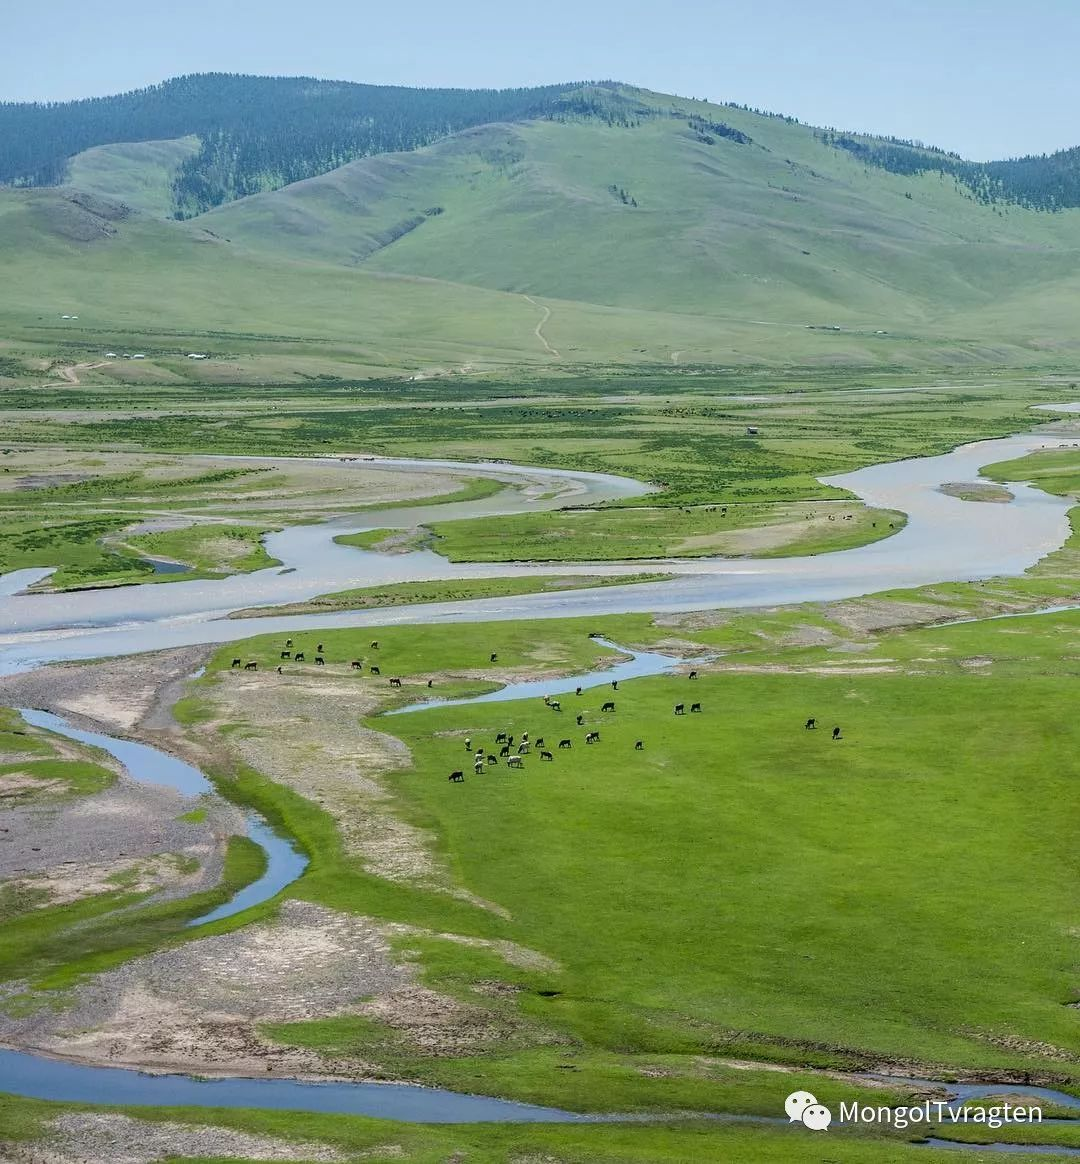 蒙古影像-Robert Michael Poole 第11张